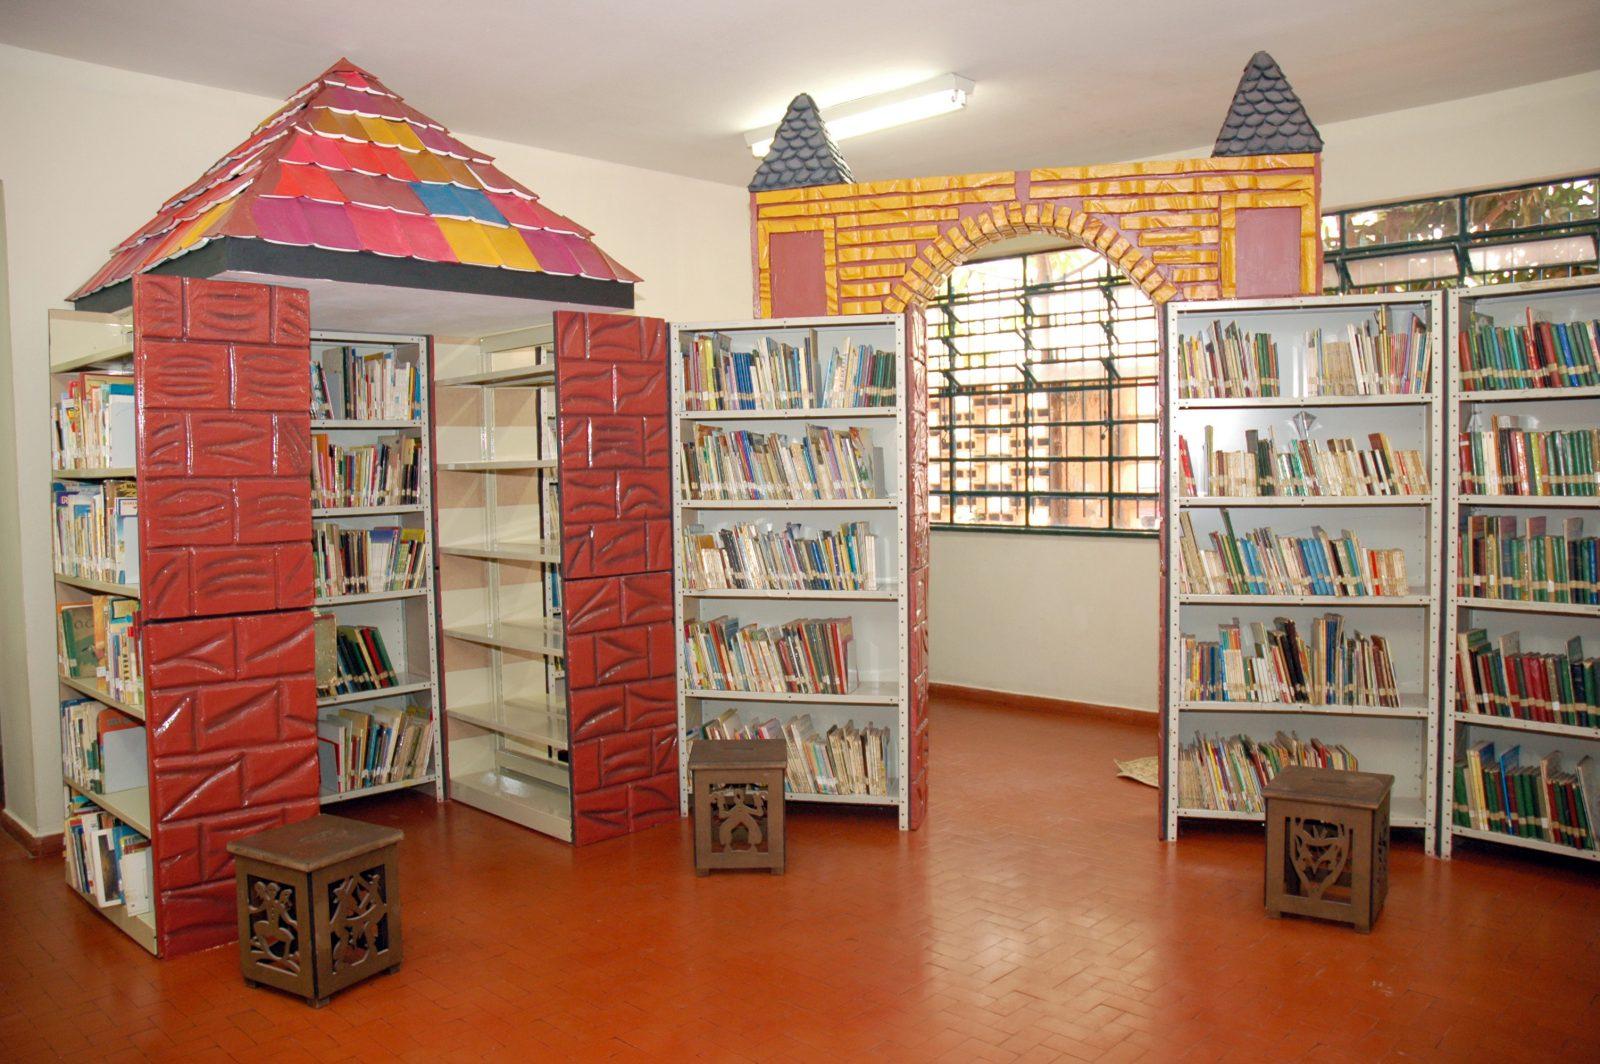 aparelhos culturais, são paulo, biblioteca hans christian andersen